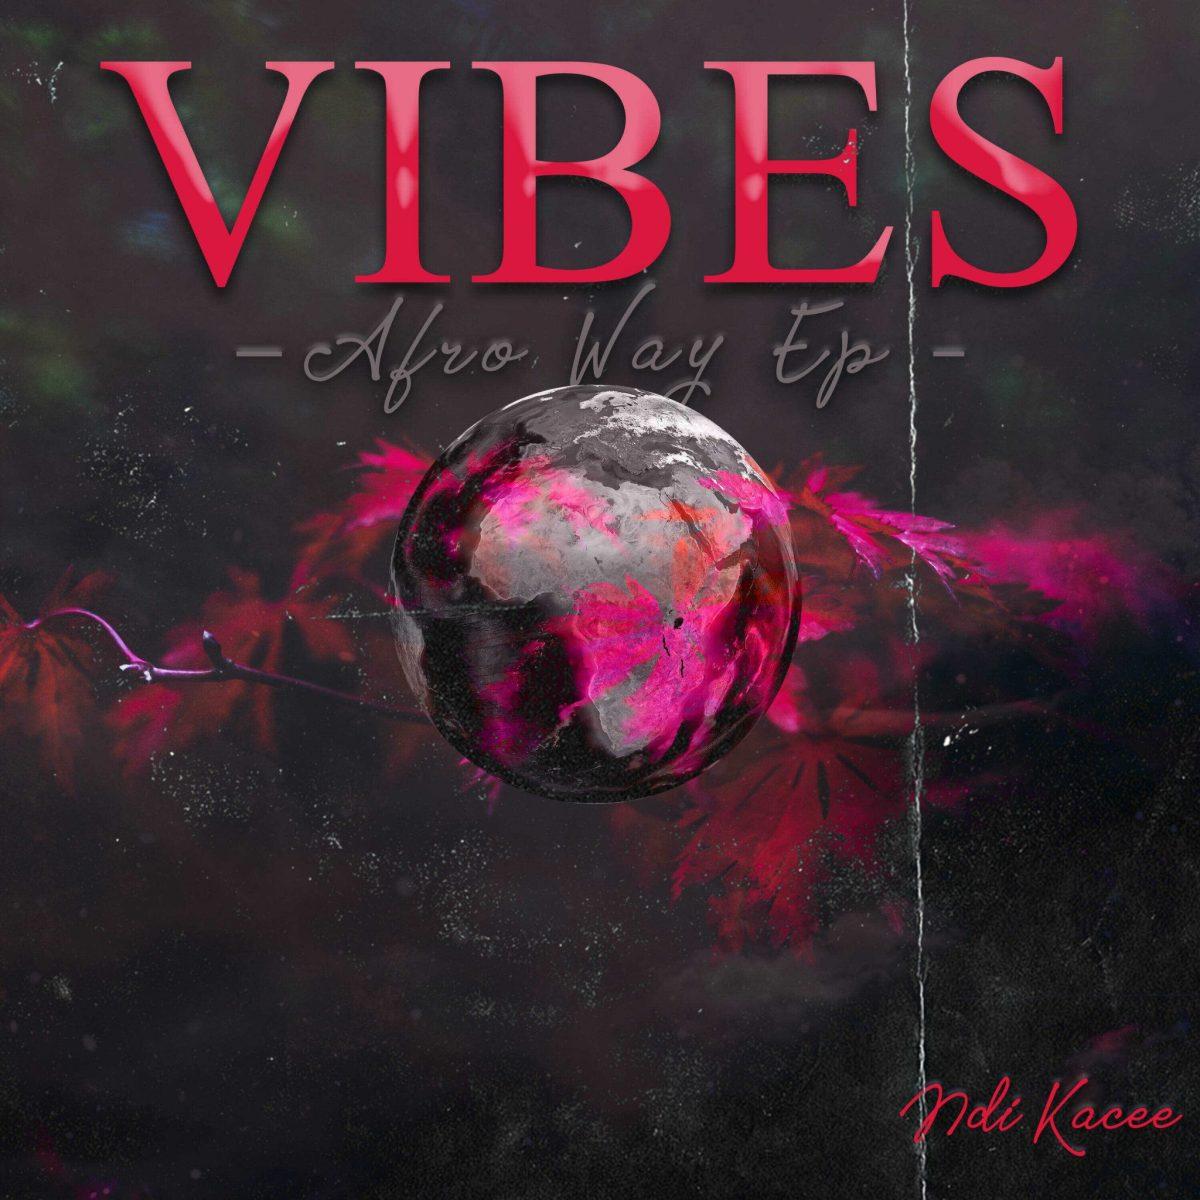 Ndi Kacee - Vibes Afro Way EP